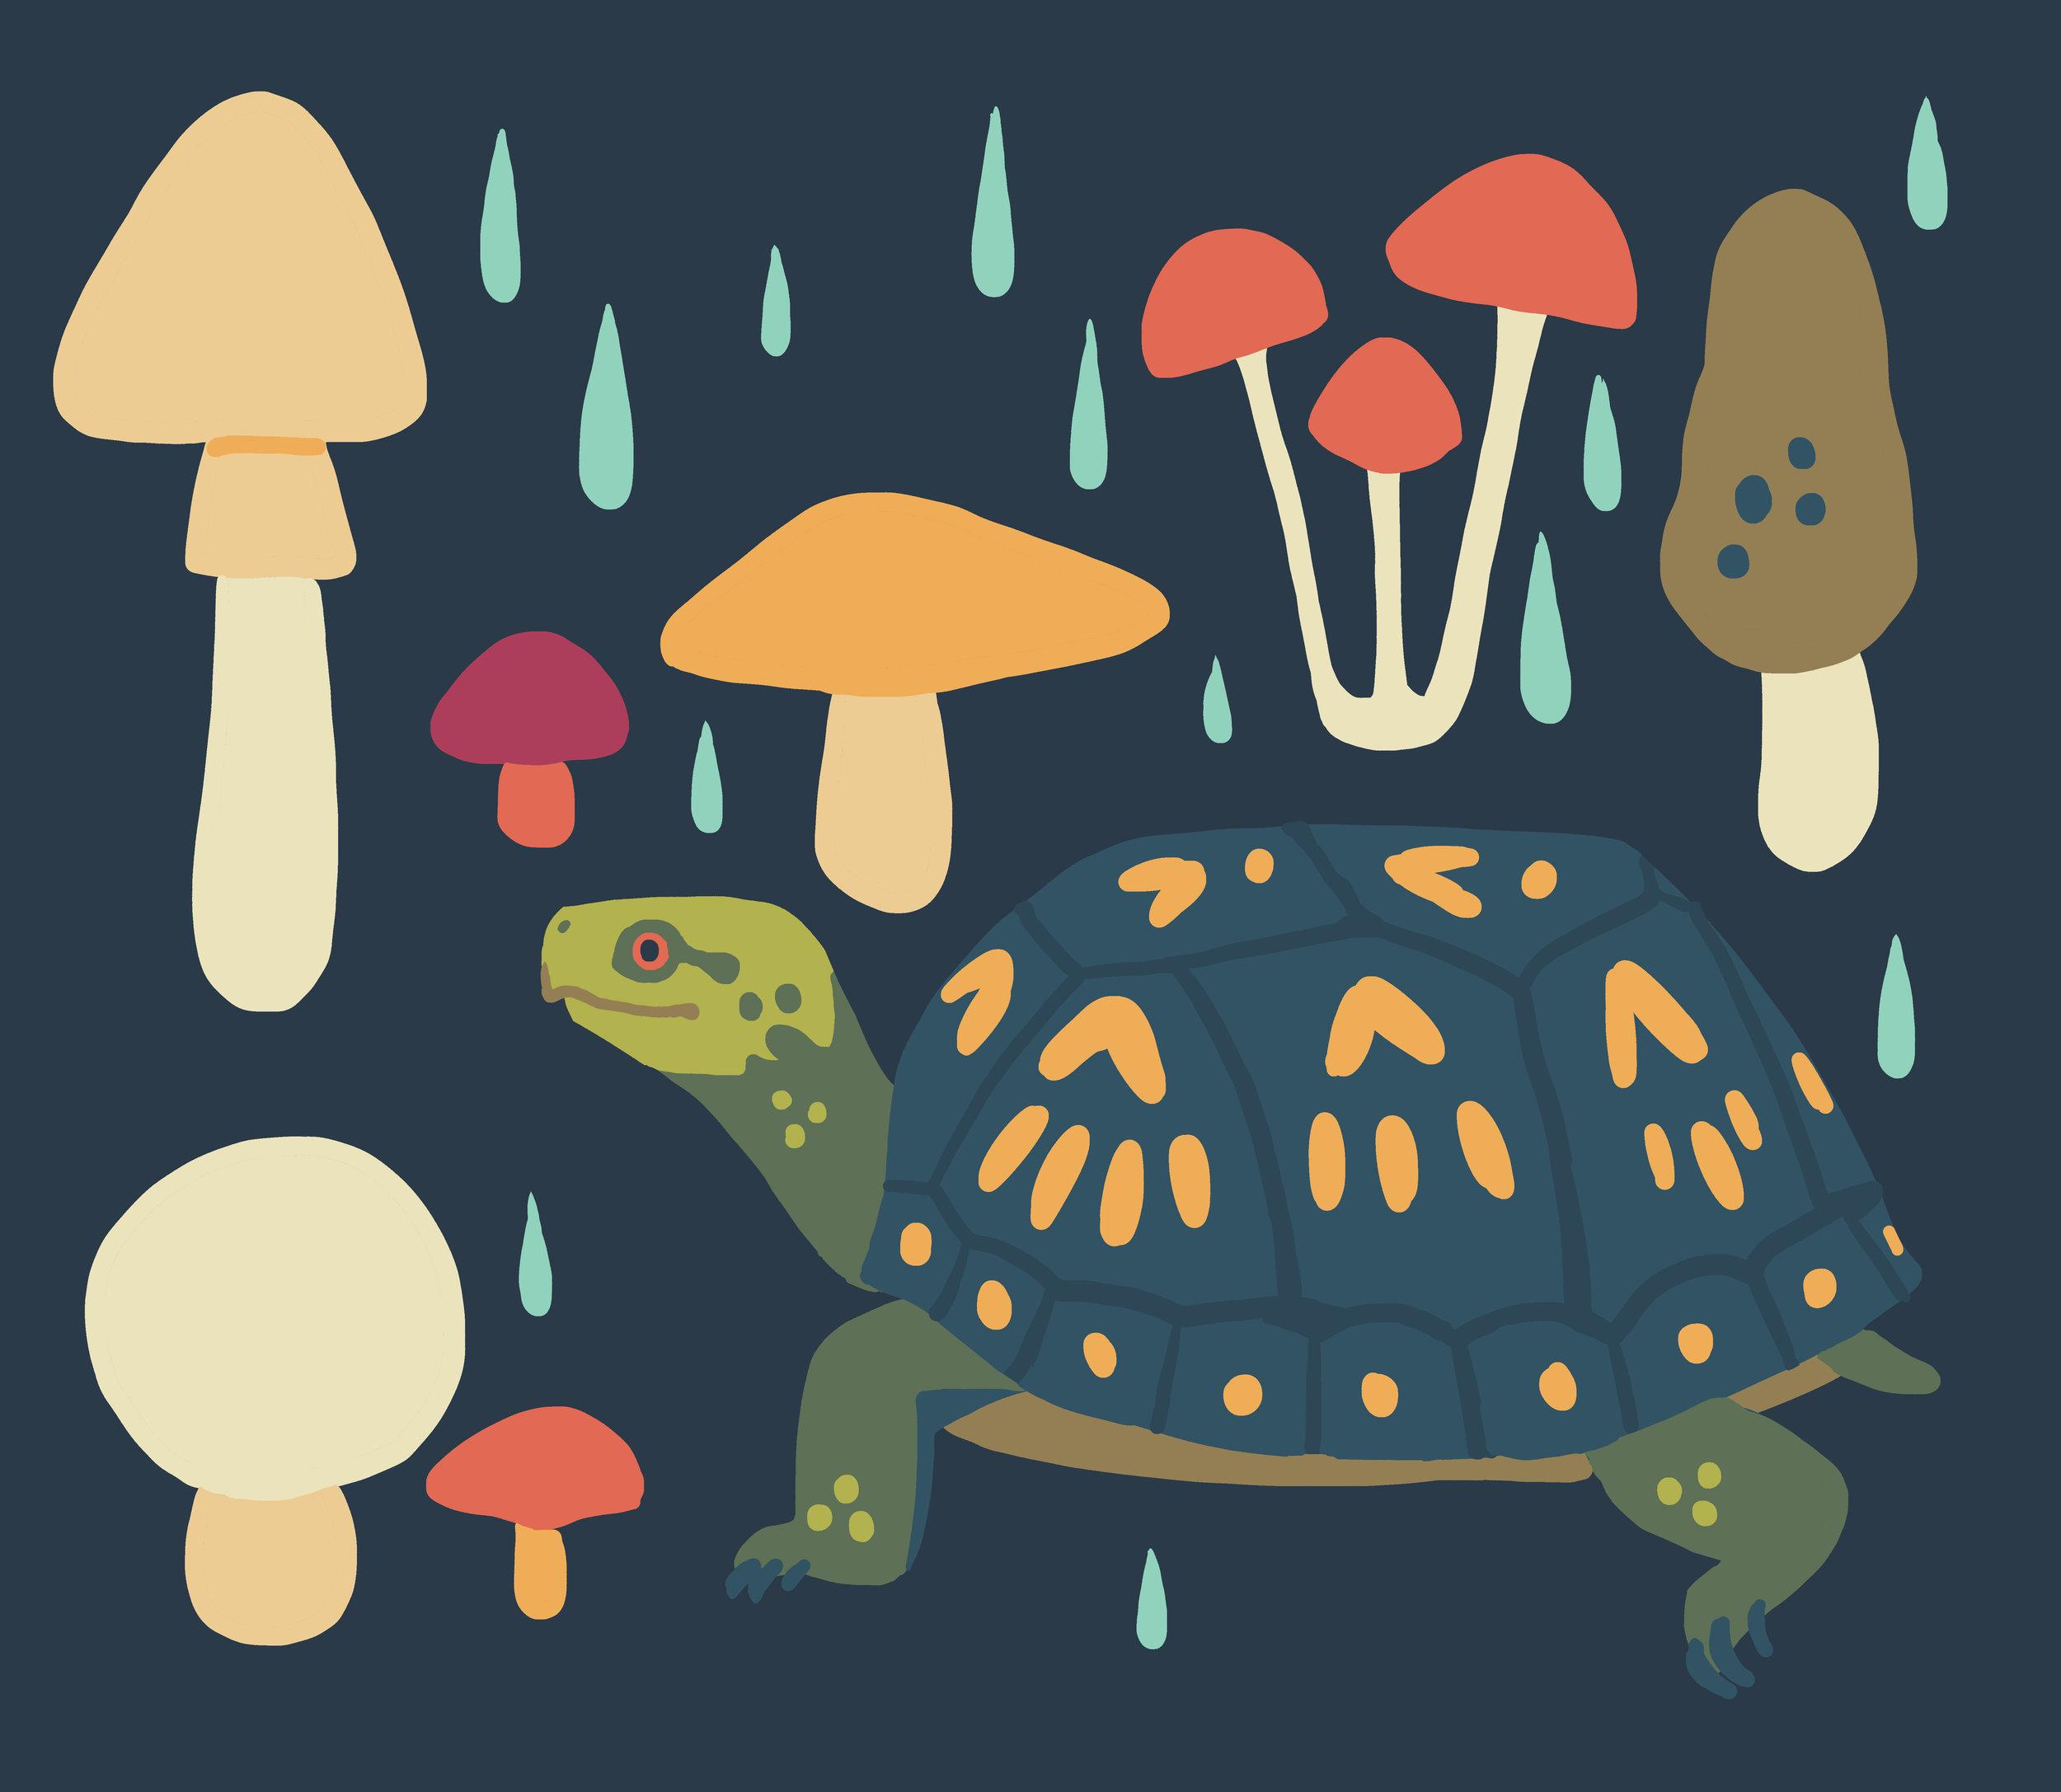 panel_easternboxturtle_mushrooms.jpg